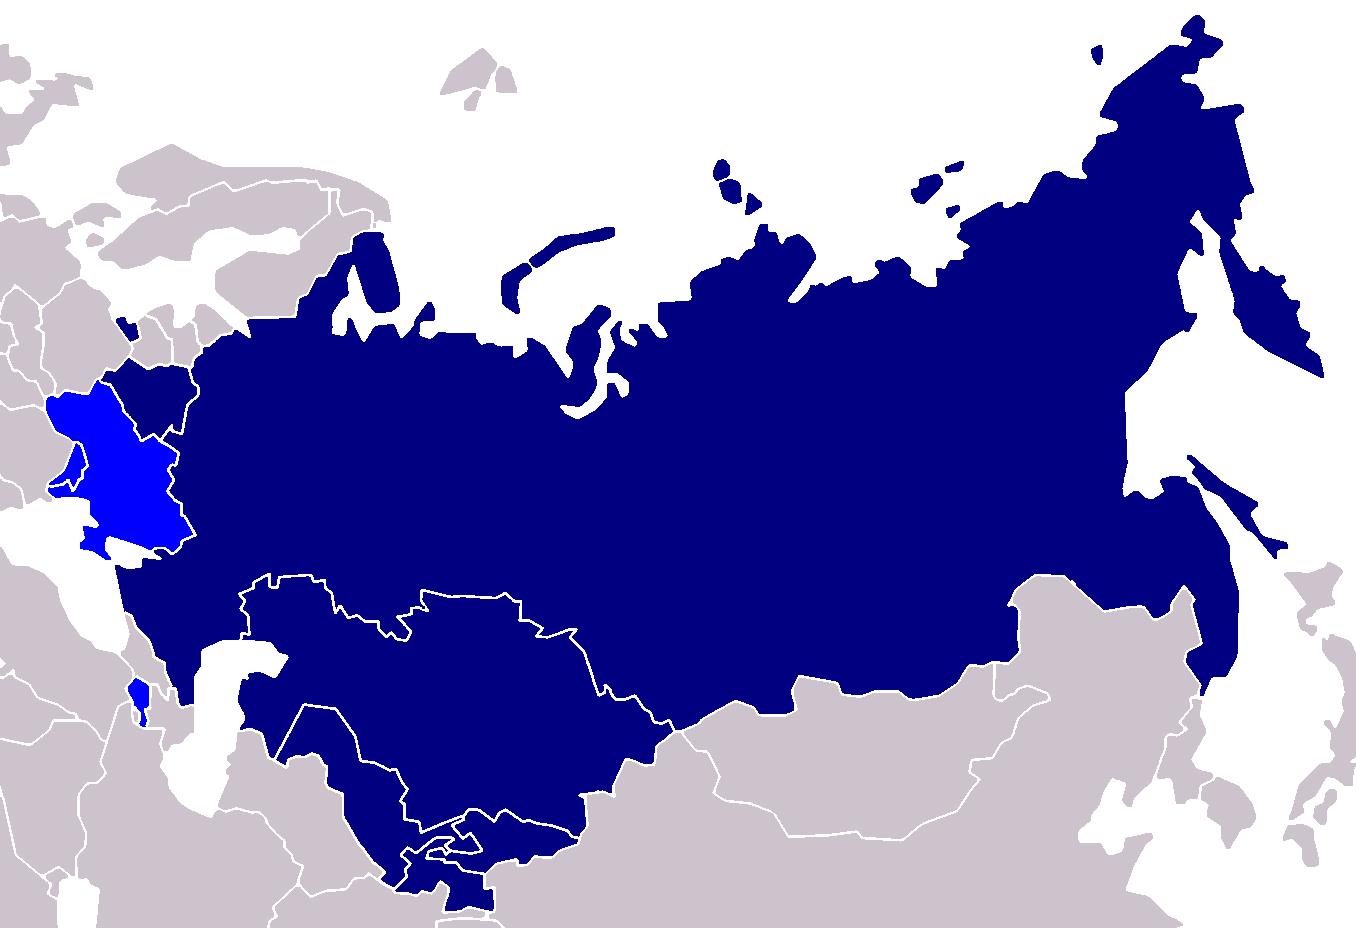 Carte de l'Union eurasiatique à ce jour. En bleu clair l'Ukraine, la Moldavie et l'Arménie, potentiels participants.